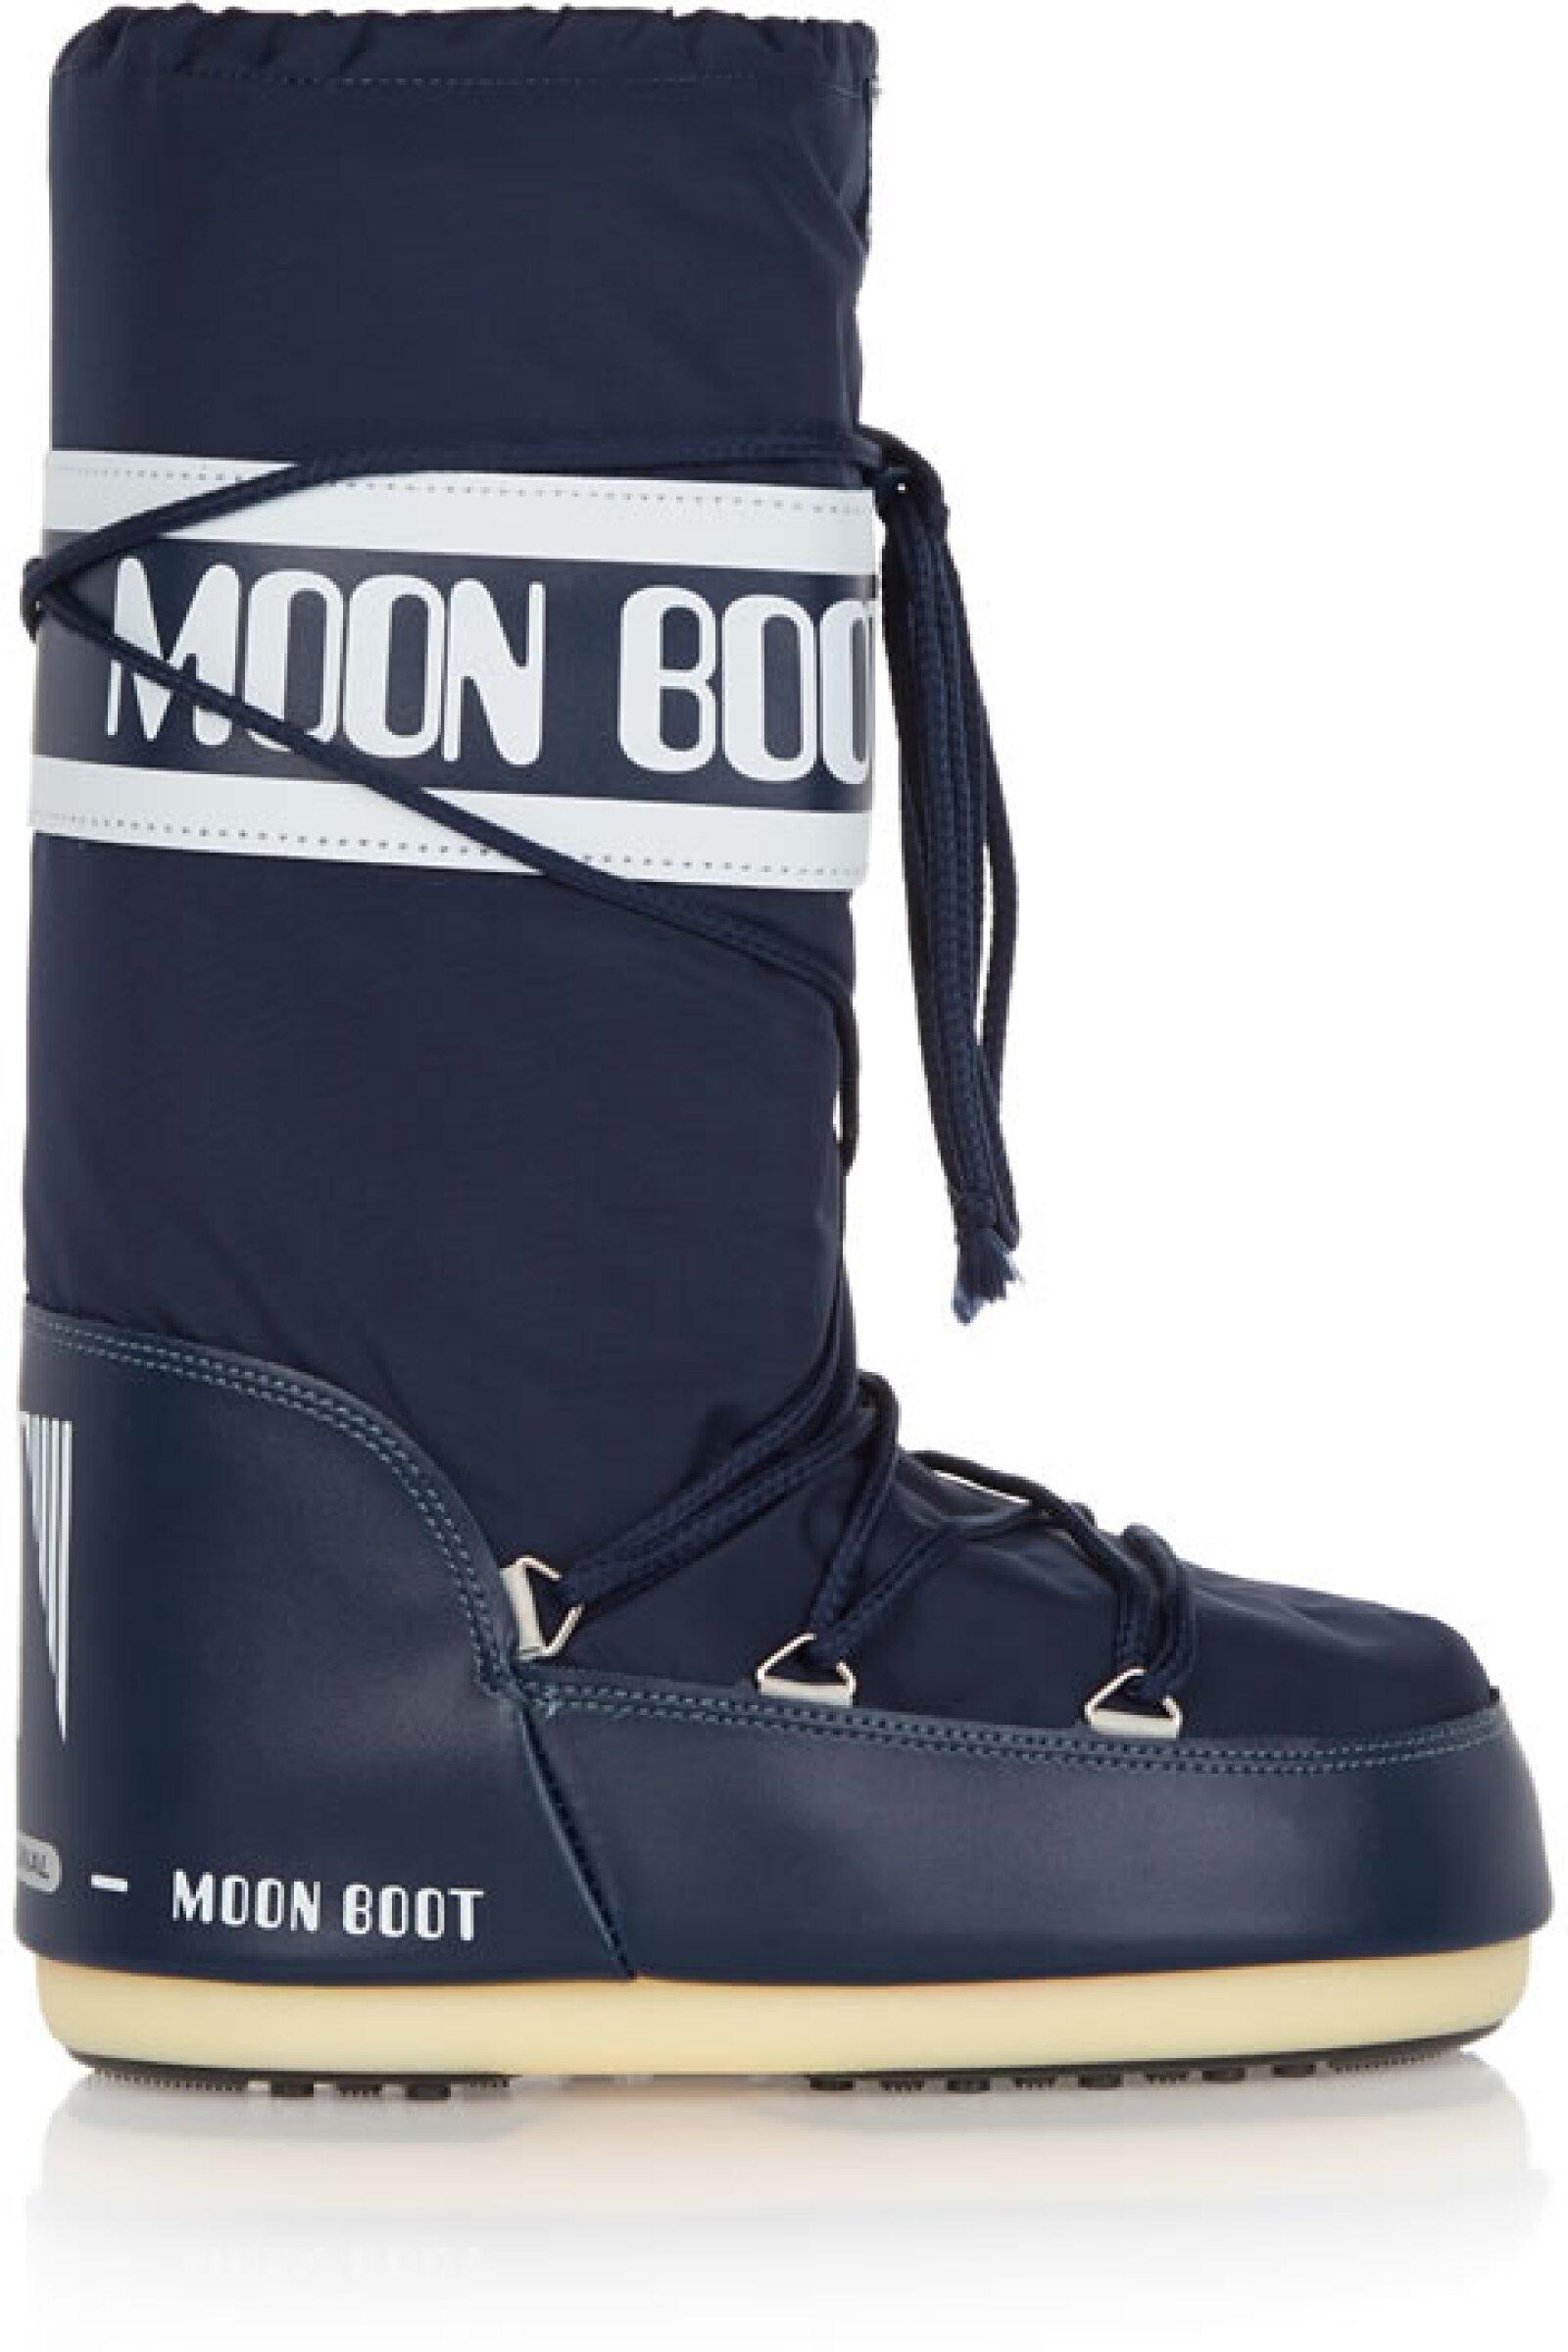 Unas moon boots son infalibles para la nieve, pues te ayudarán a que no te resbales ni le entre agua.